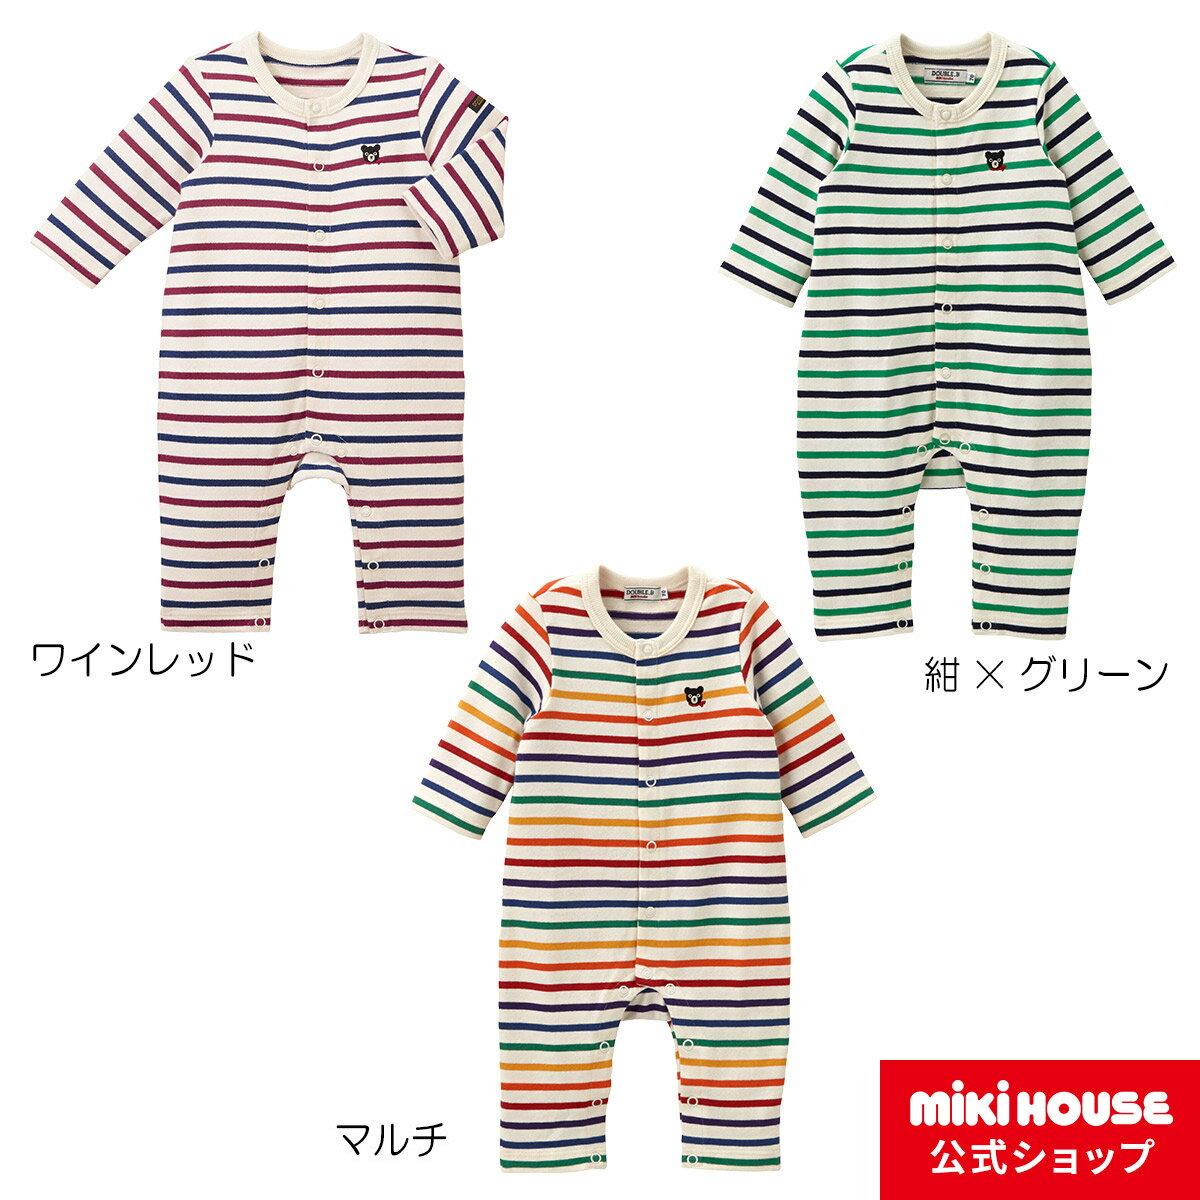 ミキハウス ダブルビー mikihouse Everyday Double Bボーダーカバーオール(60cm・70cm・80cm)